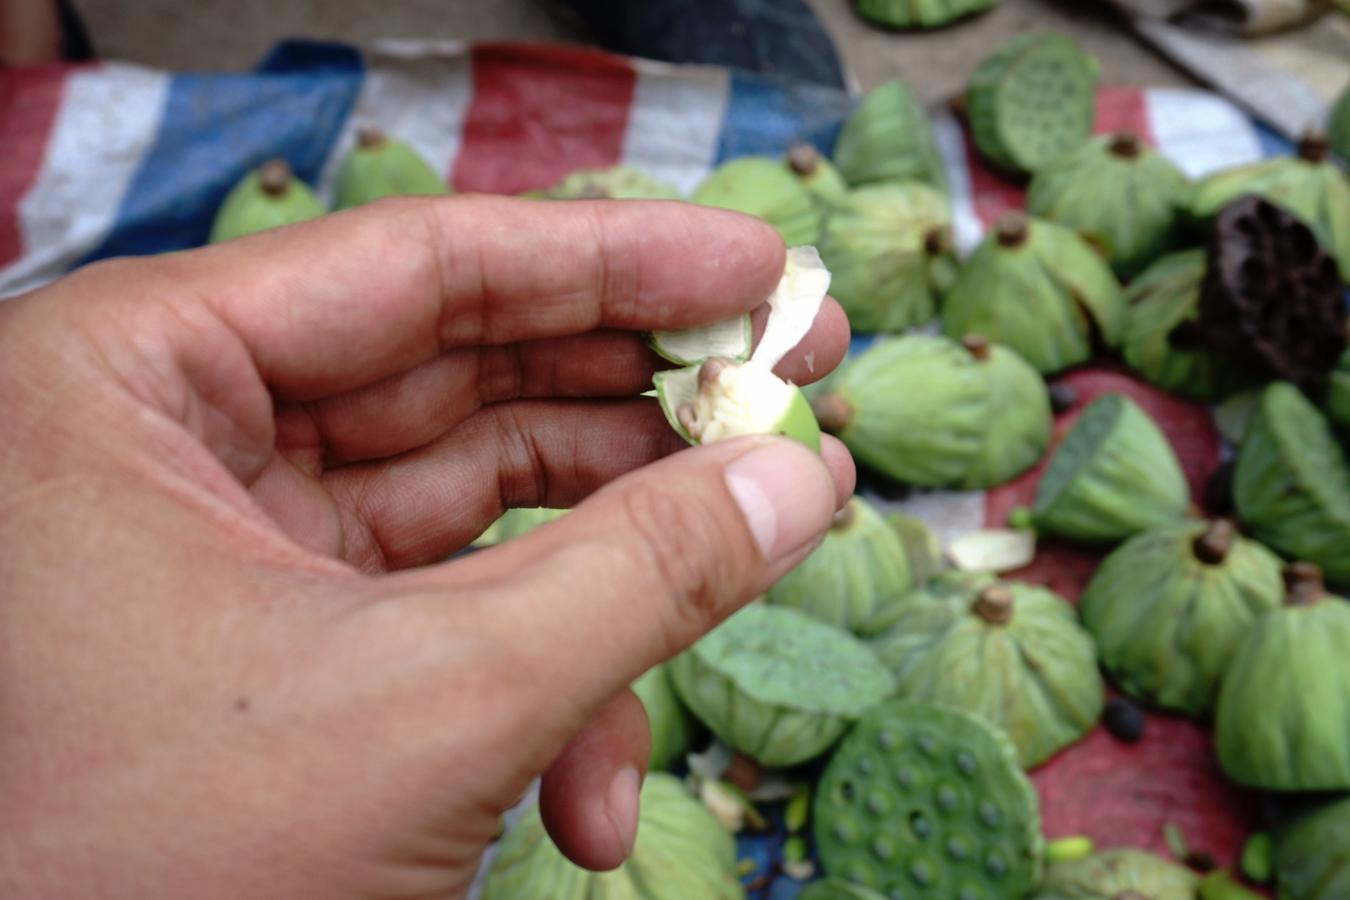 农村老人早市卖河里采摘的 水果 ,一元一个,很多人没见过